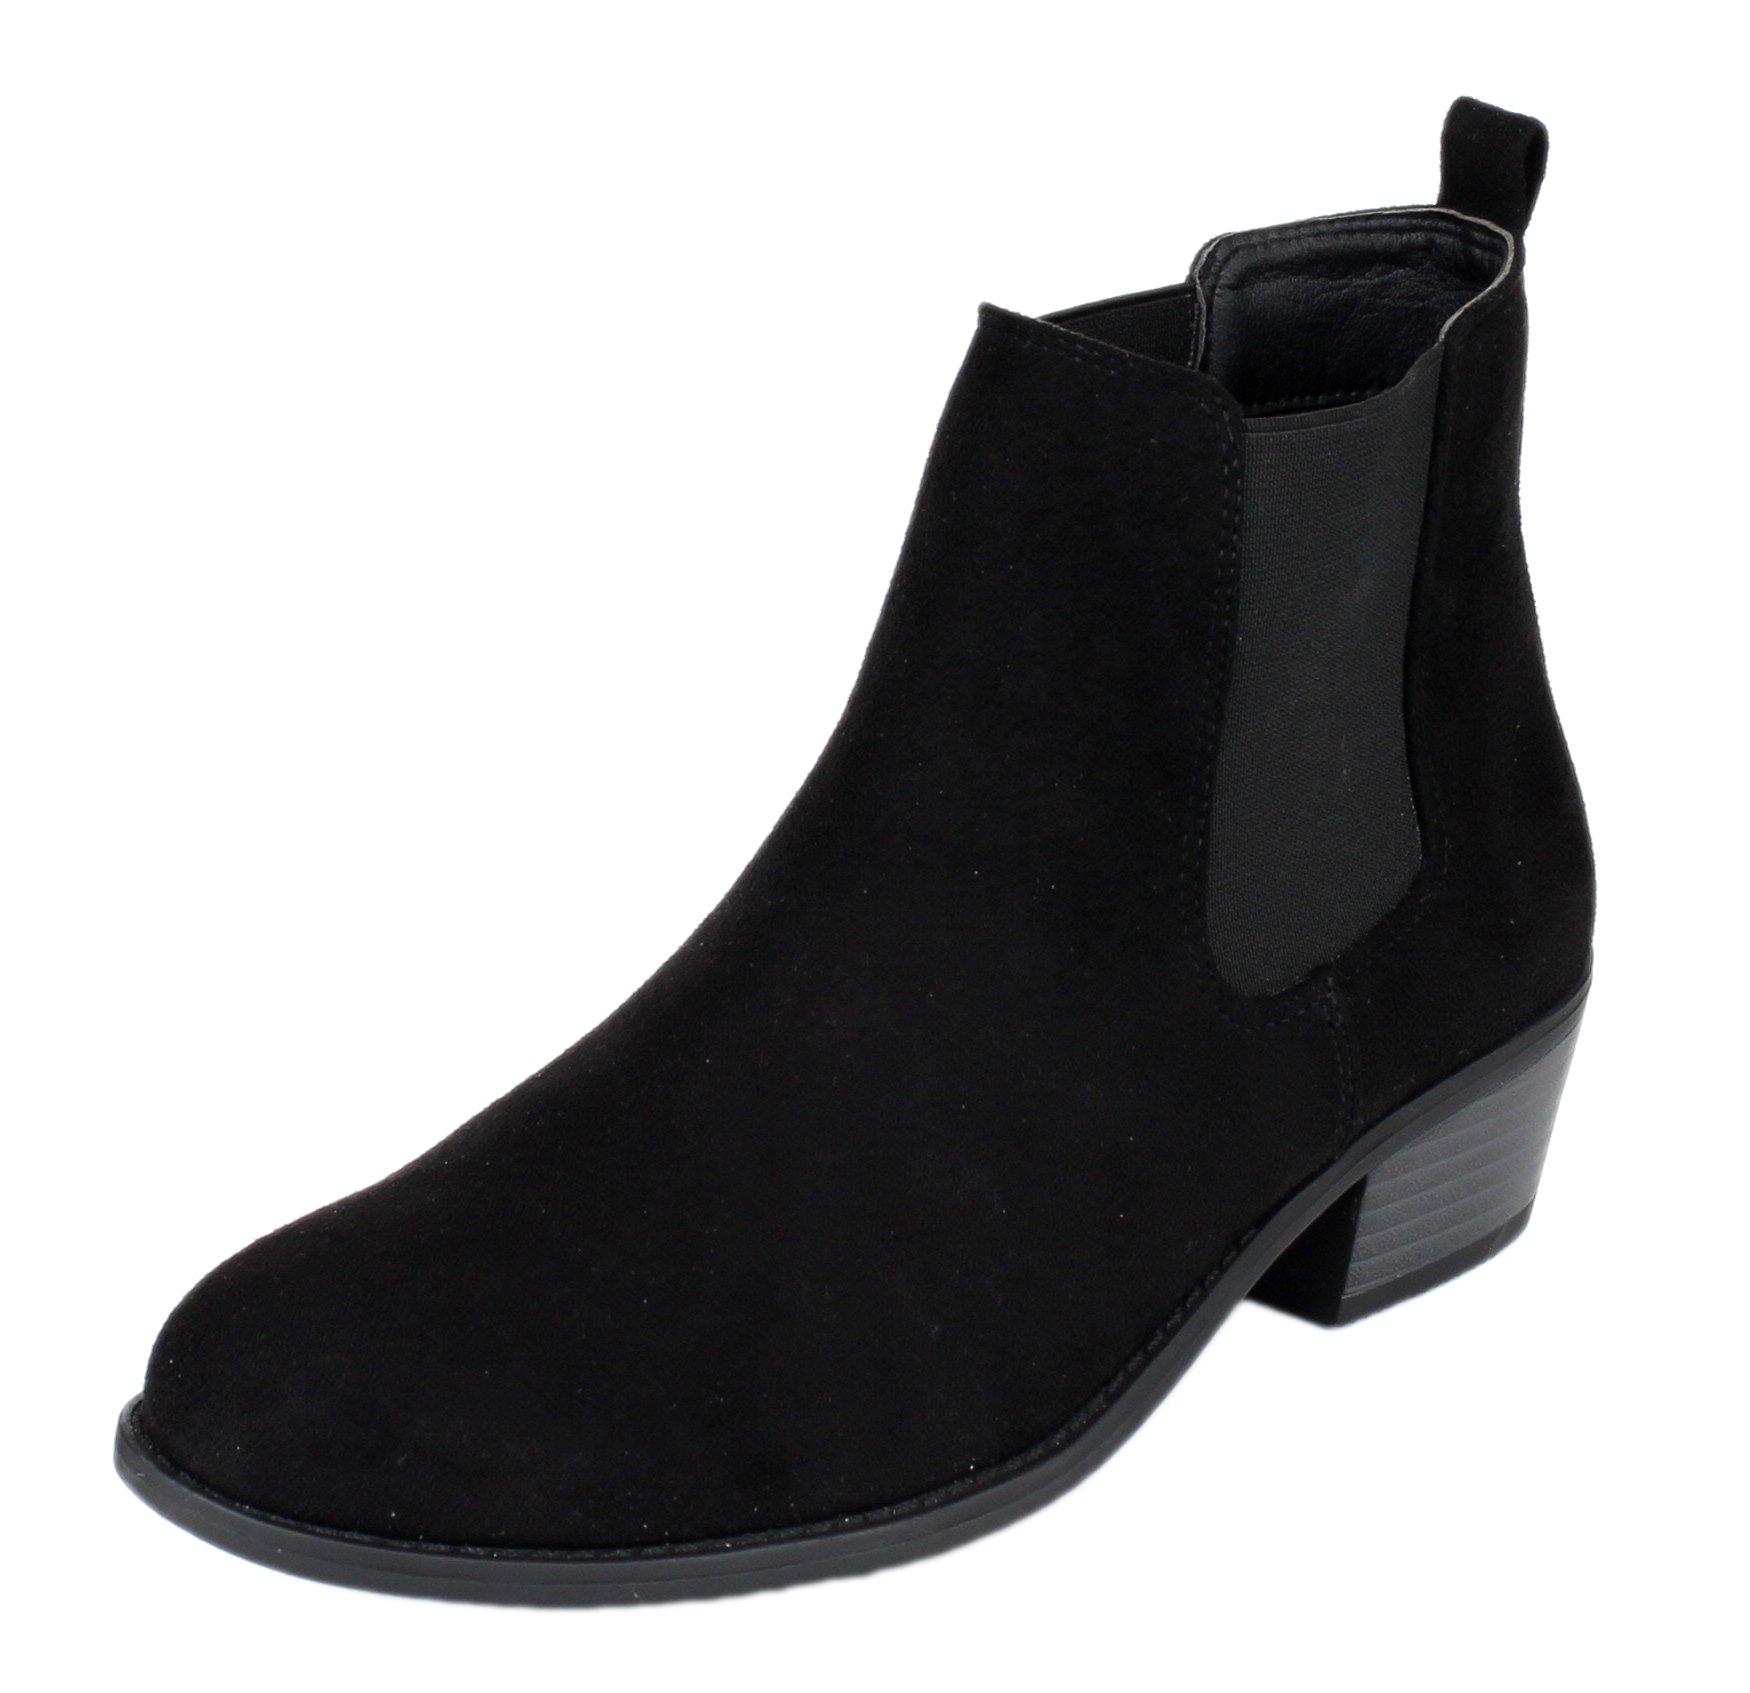 Refresh Women's Tildon-03 Low Heel Slip On Solid Ankle Boot,Black,6